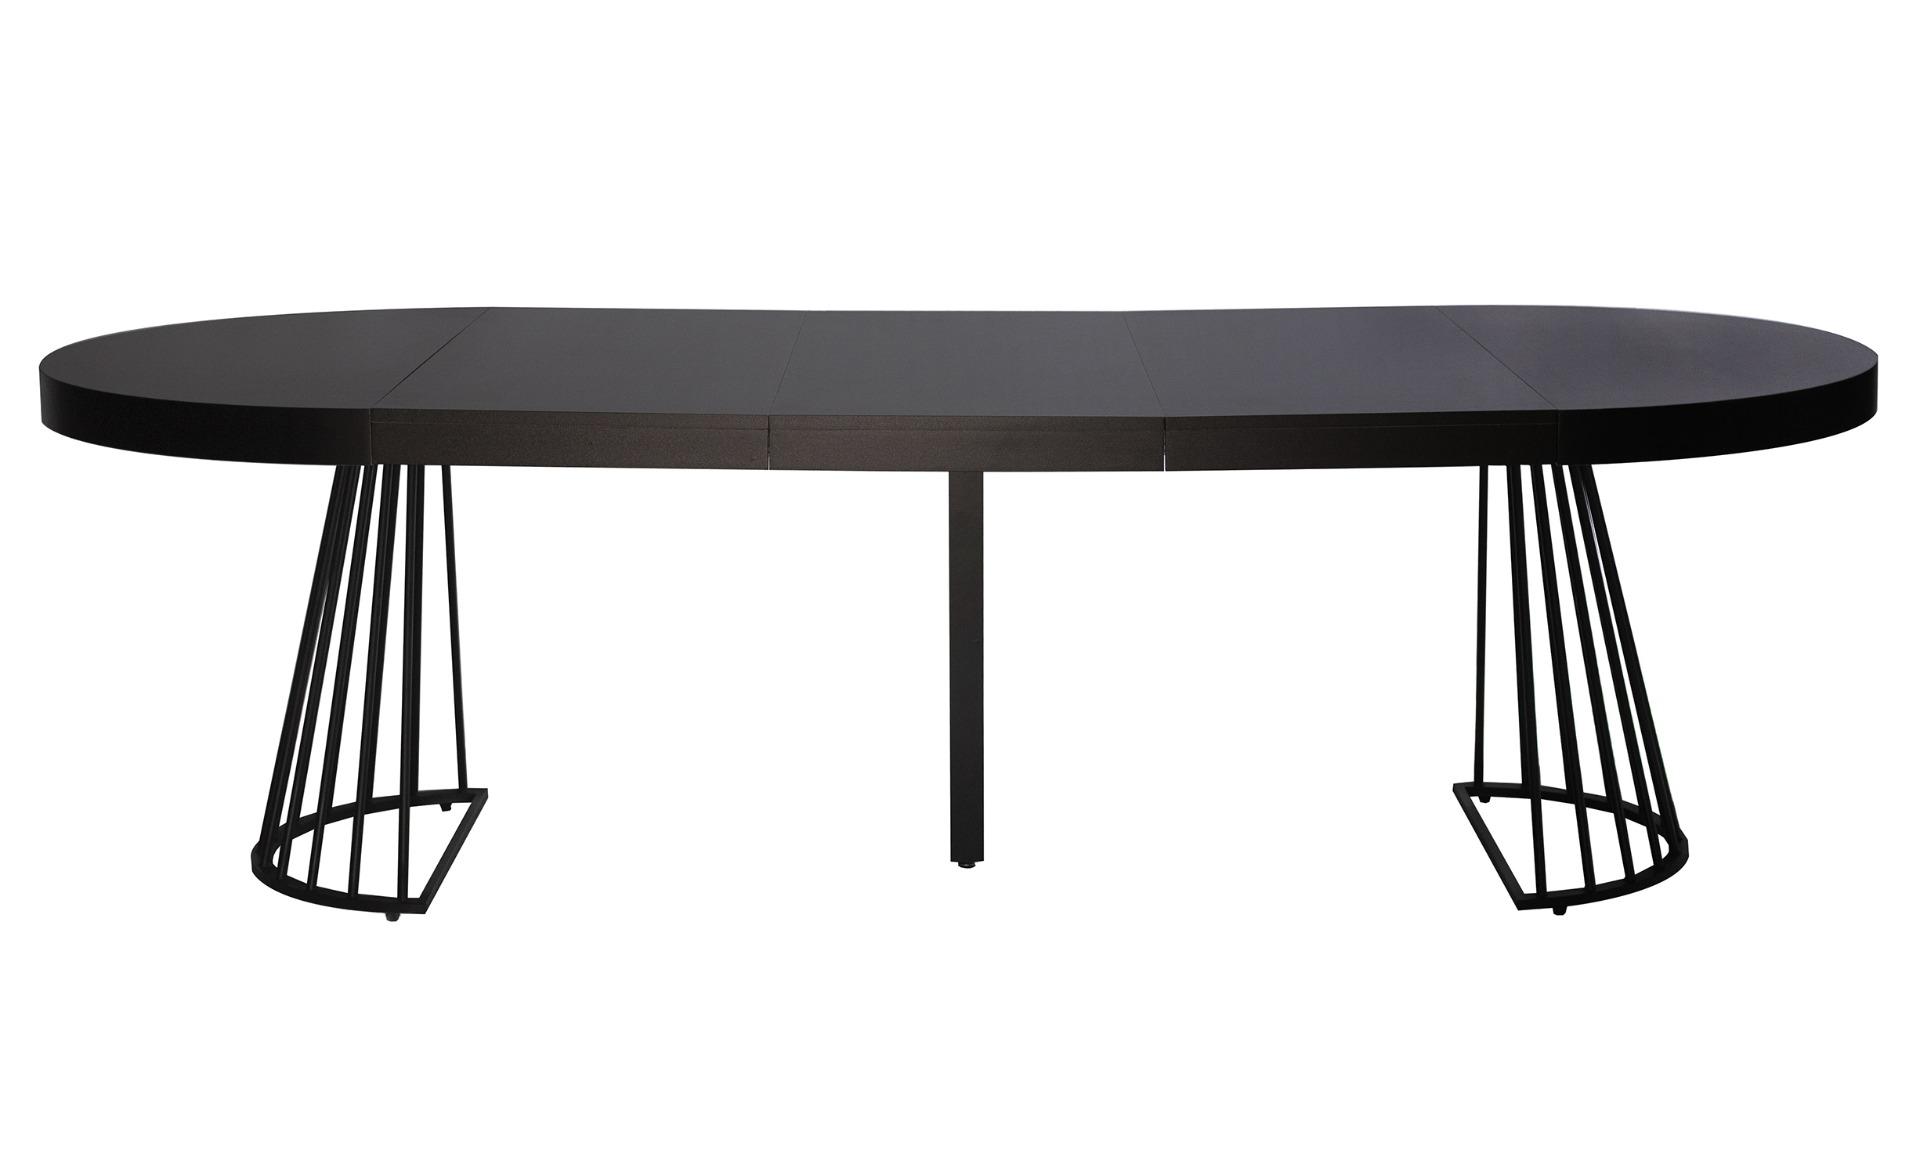 Grivery ronde uitschuifbare tafel met zwarte zwarte poten